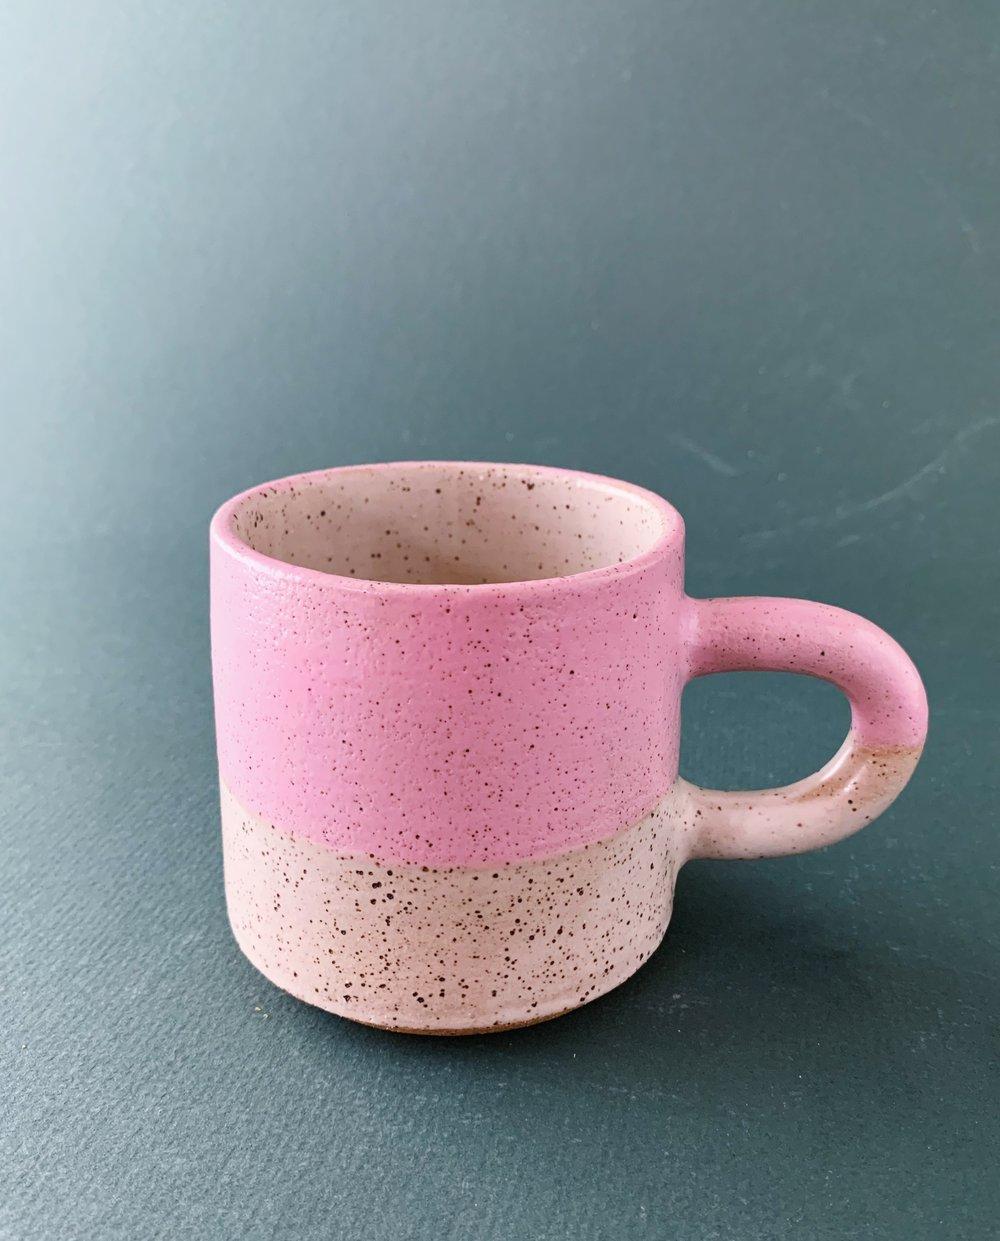 Image of Pink/white mug